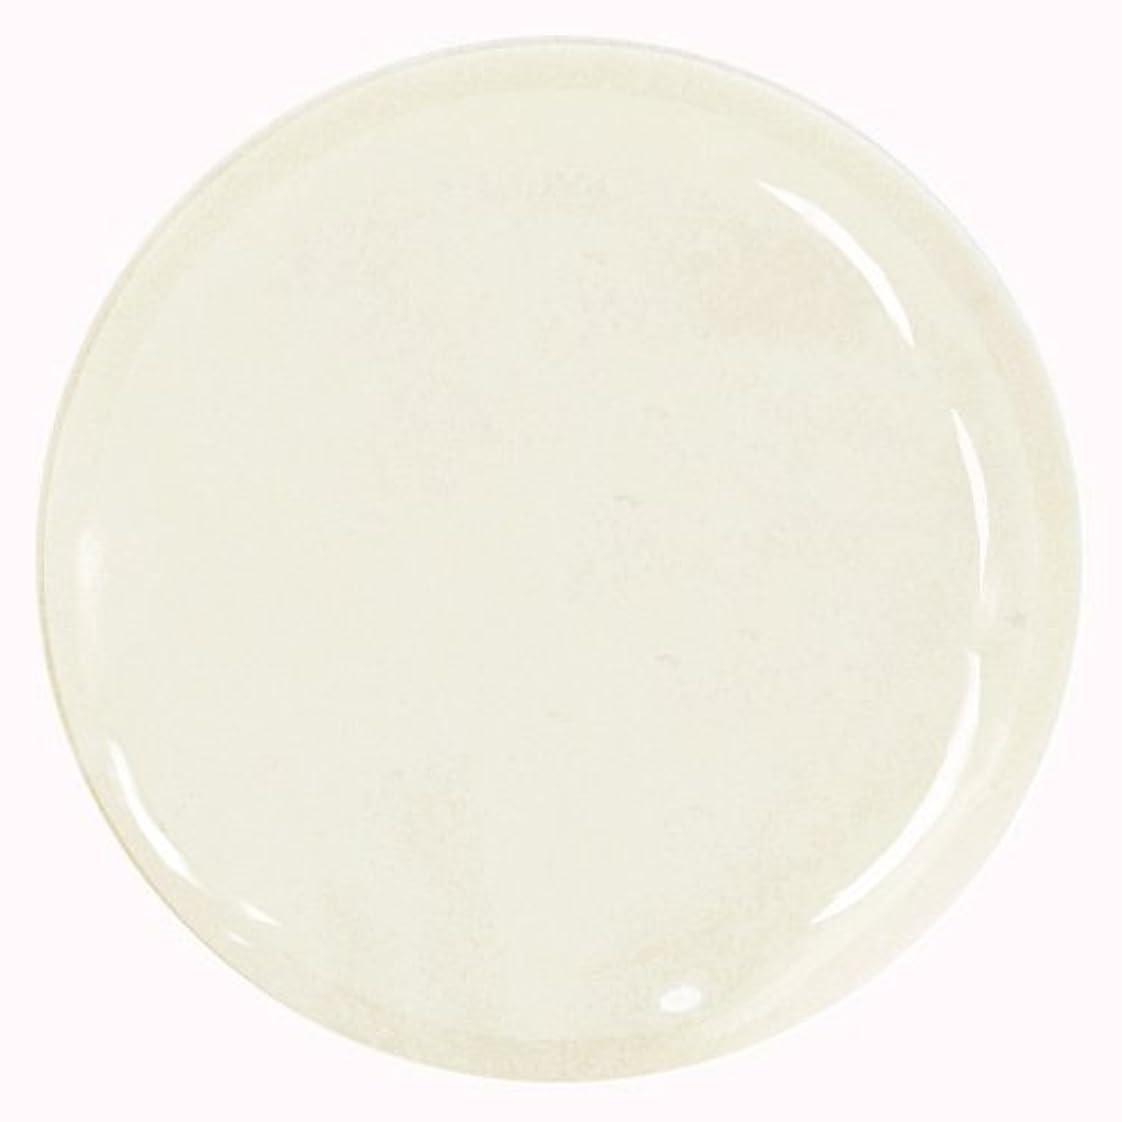 ふくろうハドルアミューズクリアジェル ソークオフジェル(3in1ソフトジェル)LED/UV 5g NC000